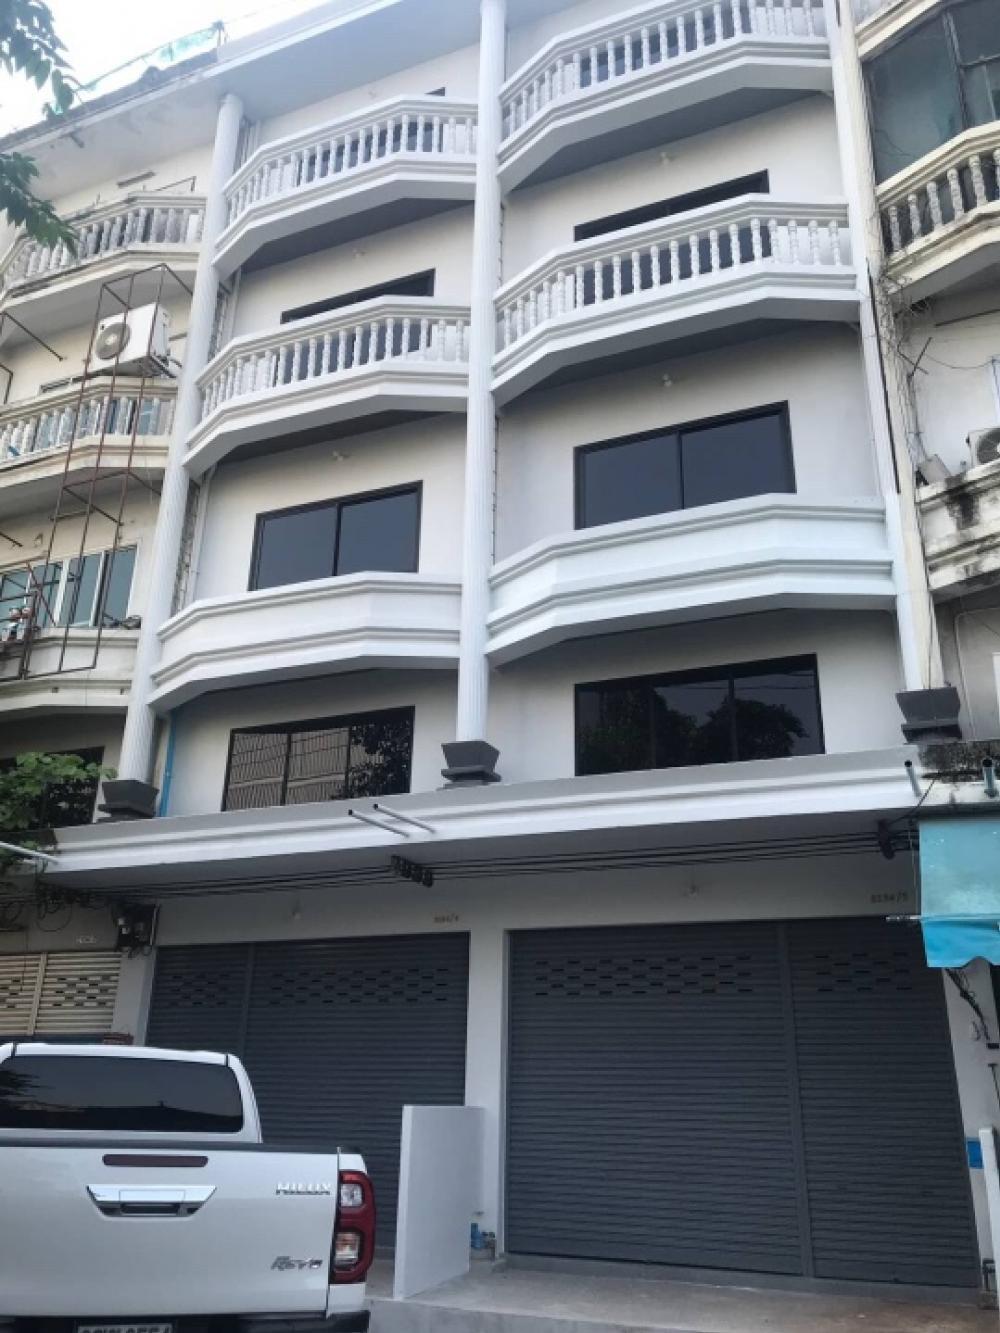 For RentShophouseSamrong, Samut Prakan : 🚨 For rent, commercial buildings (commercial buildings), renovated in Soi Sribunruang, 750 meters from Thepharak Road (SPP1009).